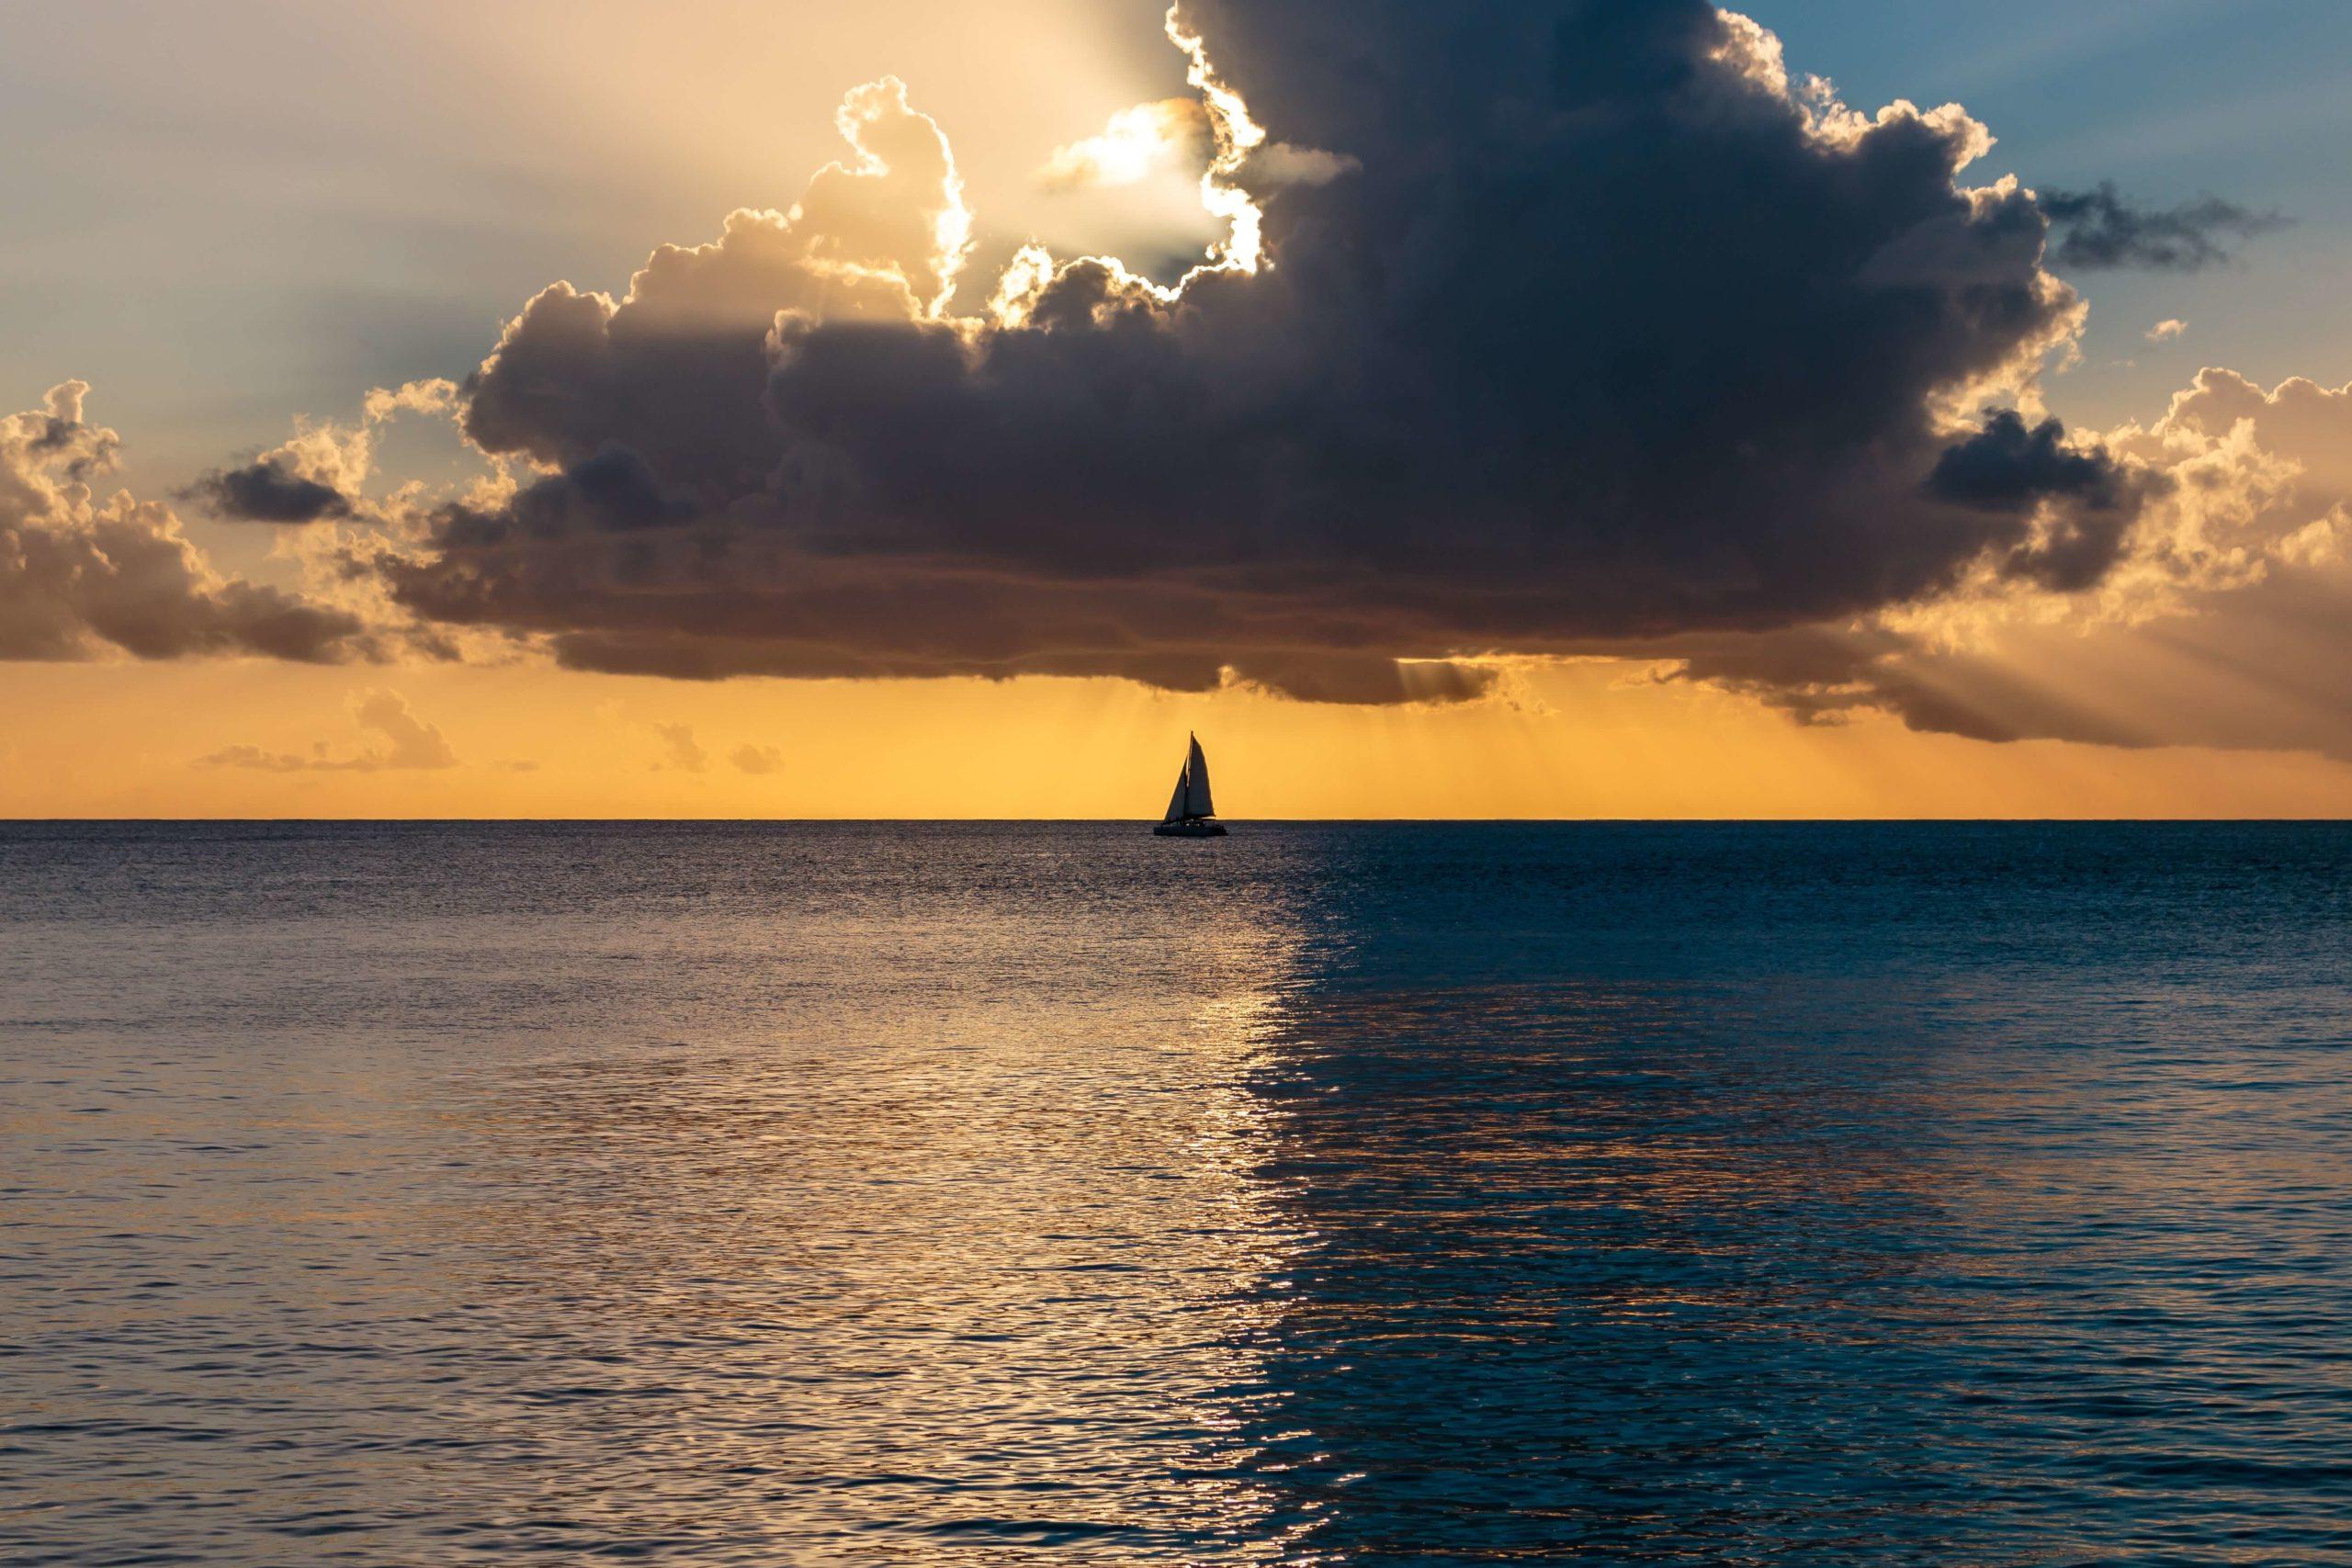 海に浮かぶ1艘の舟